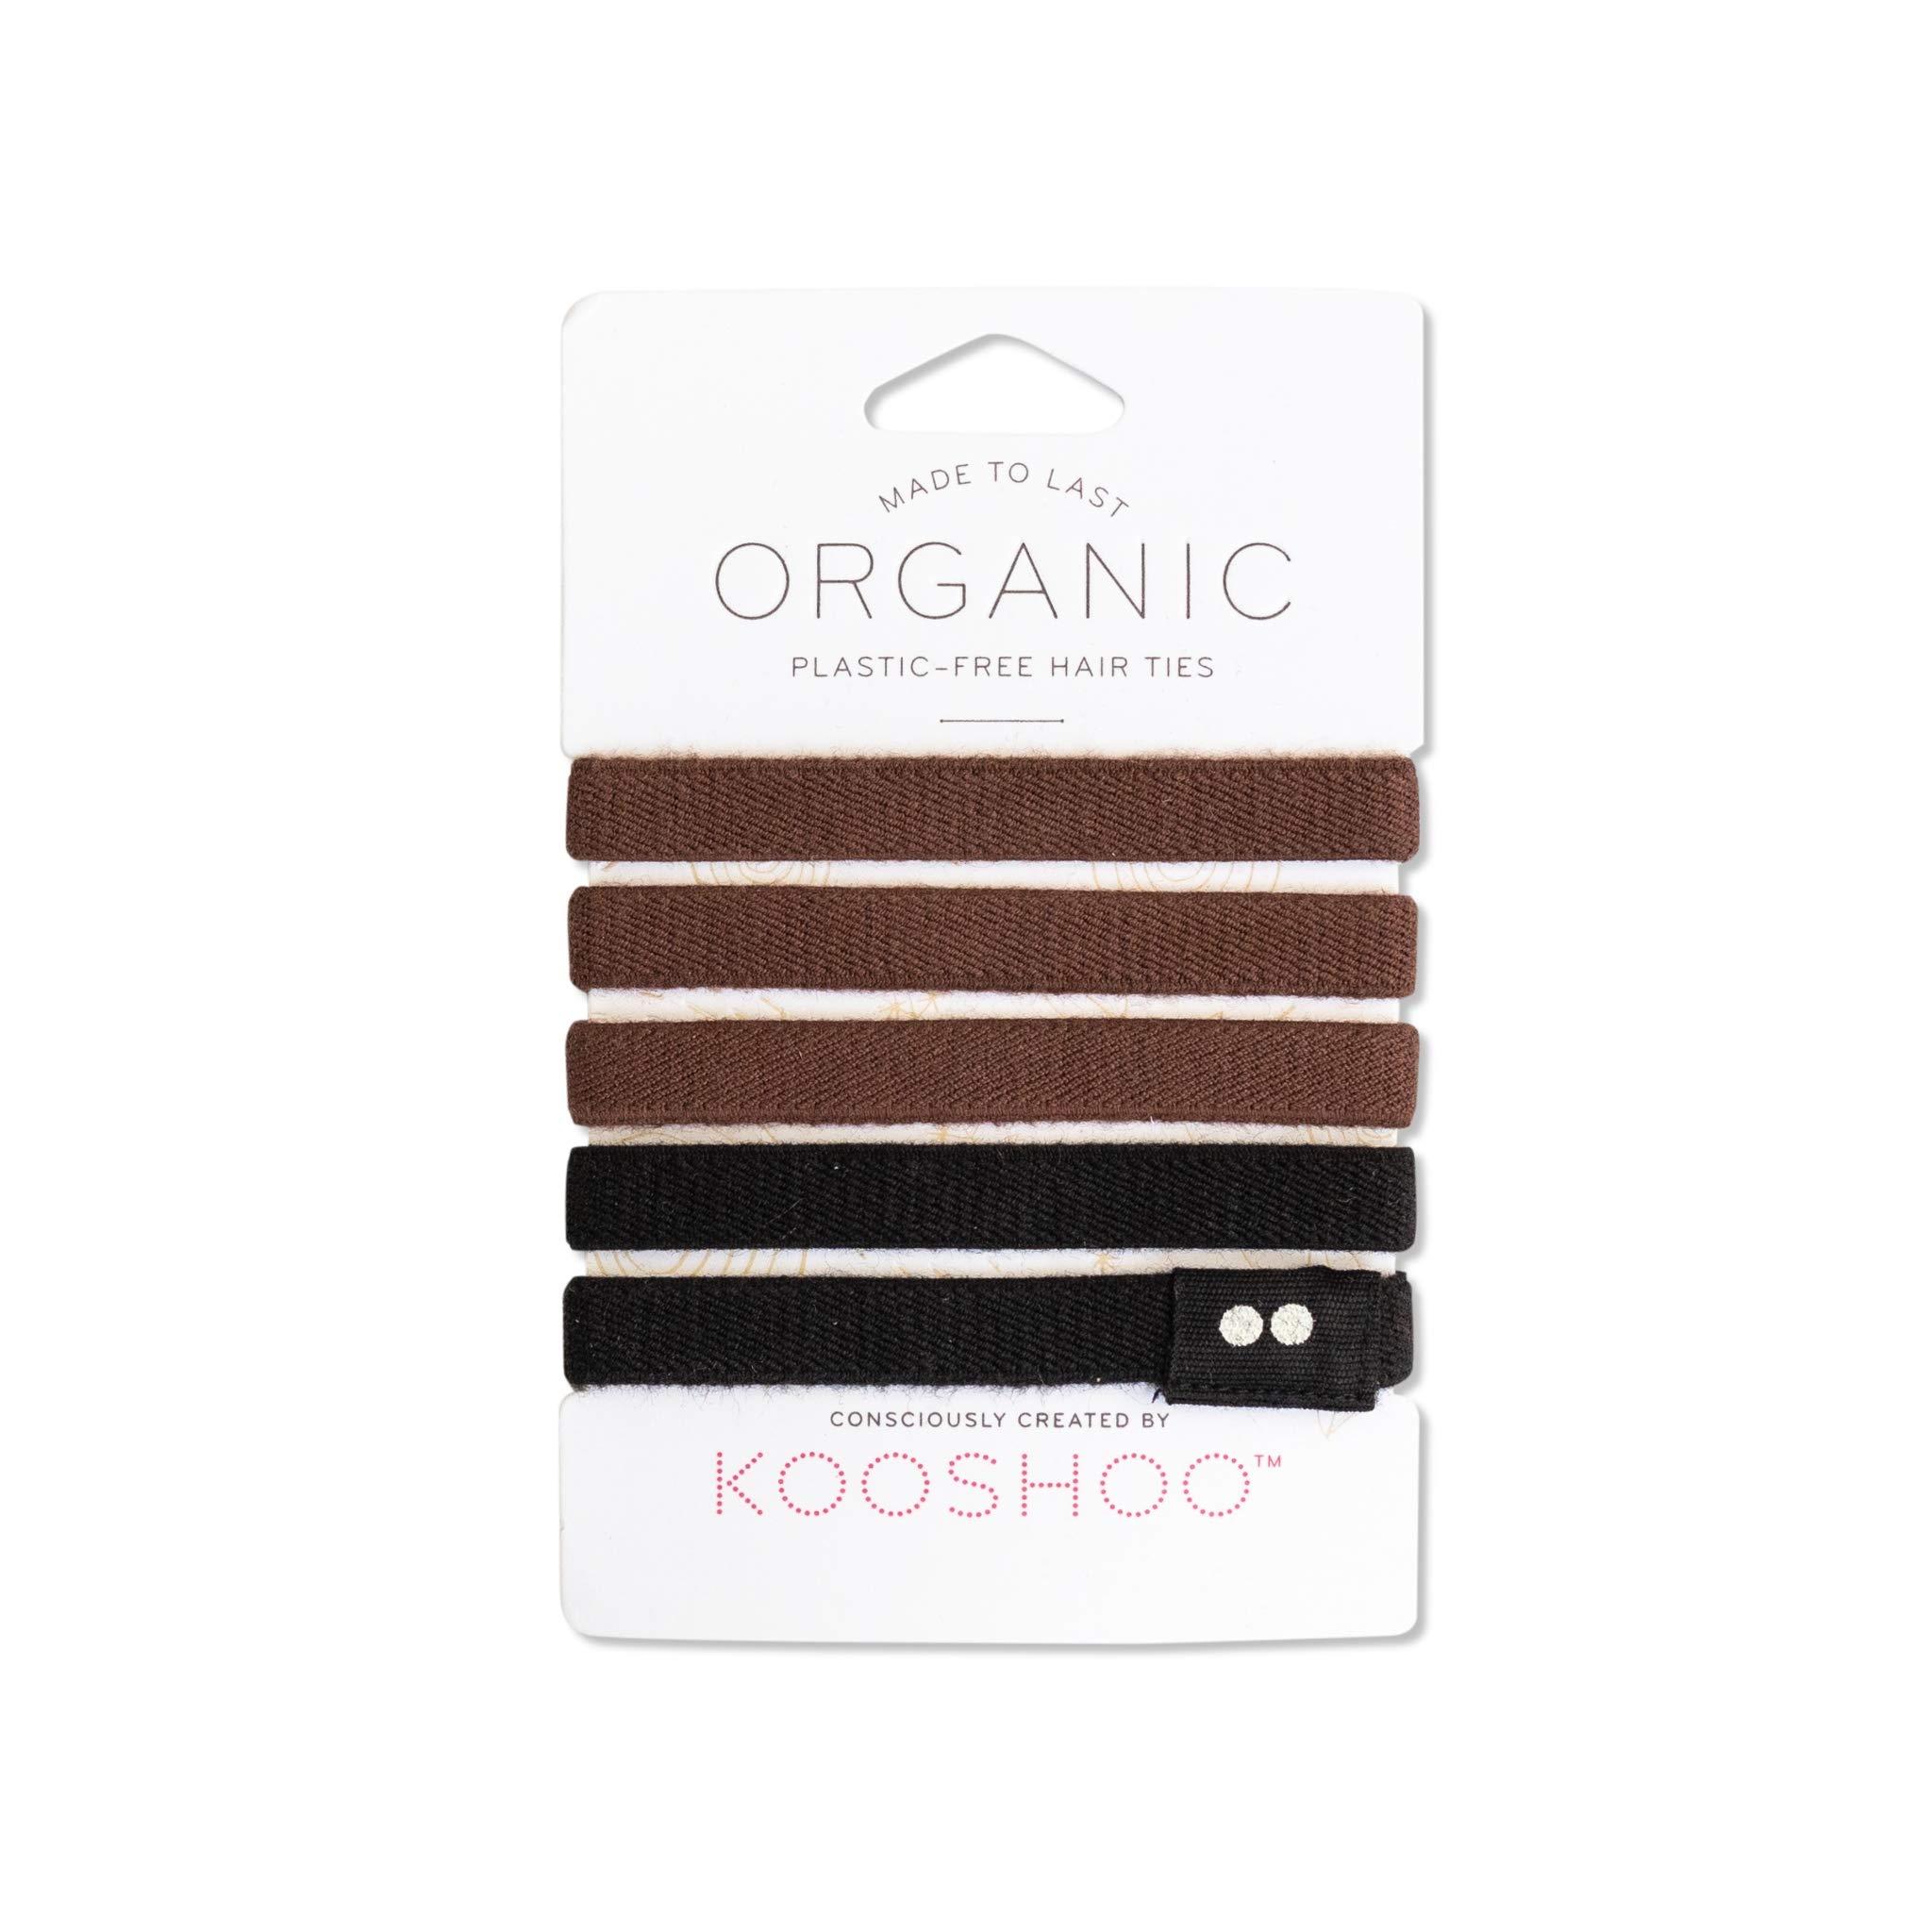 BIODEGRADABLE HAIR TIES in Brown and Black by KOOSHOO | Plastic-Free, Certified Organic Cotton Hair Elastics (5 Pack)